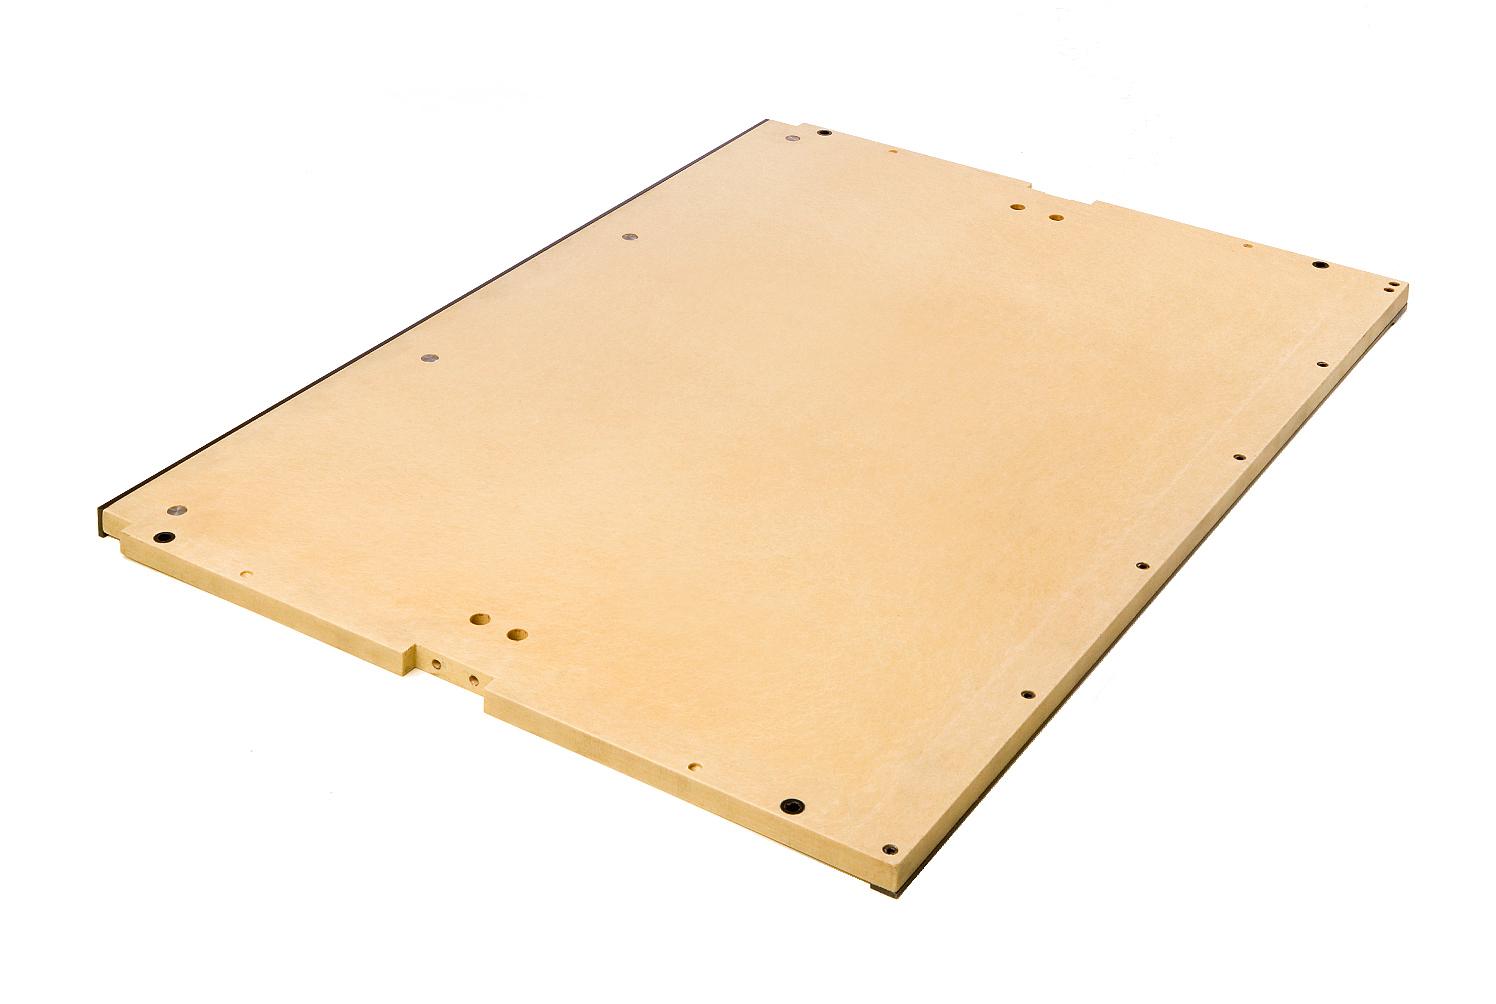 kunststof resocell onderplaat met staaldelen-lijsten